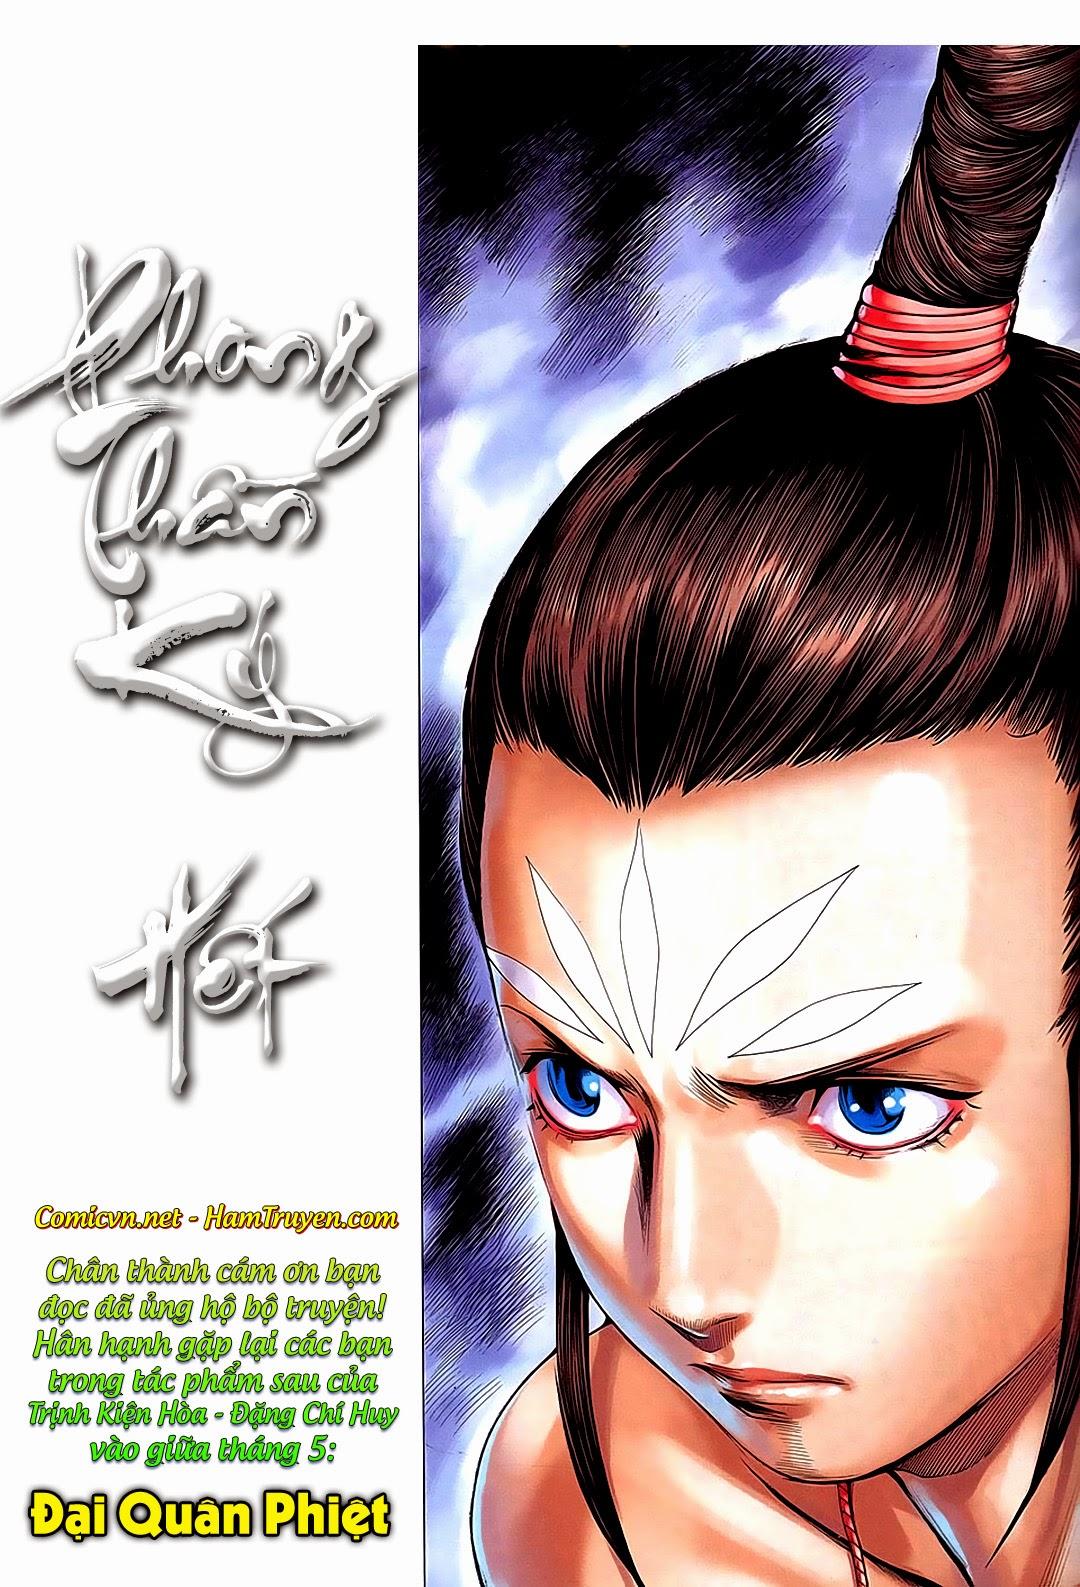 Phong Thần Ký chap 182 – End Trang 38 - Mangak.info